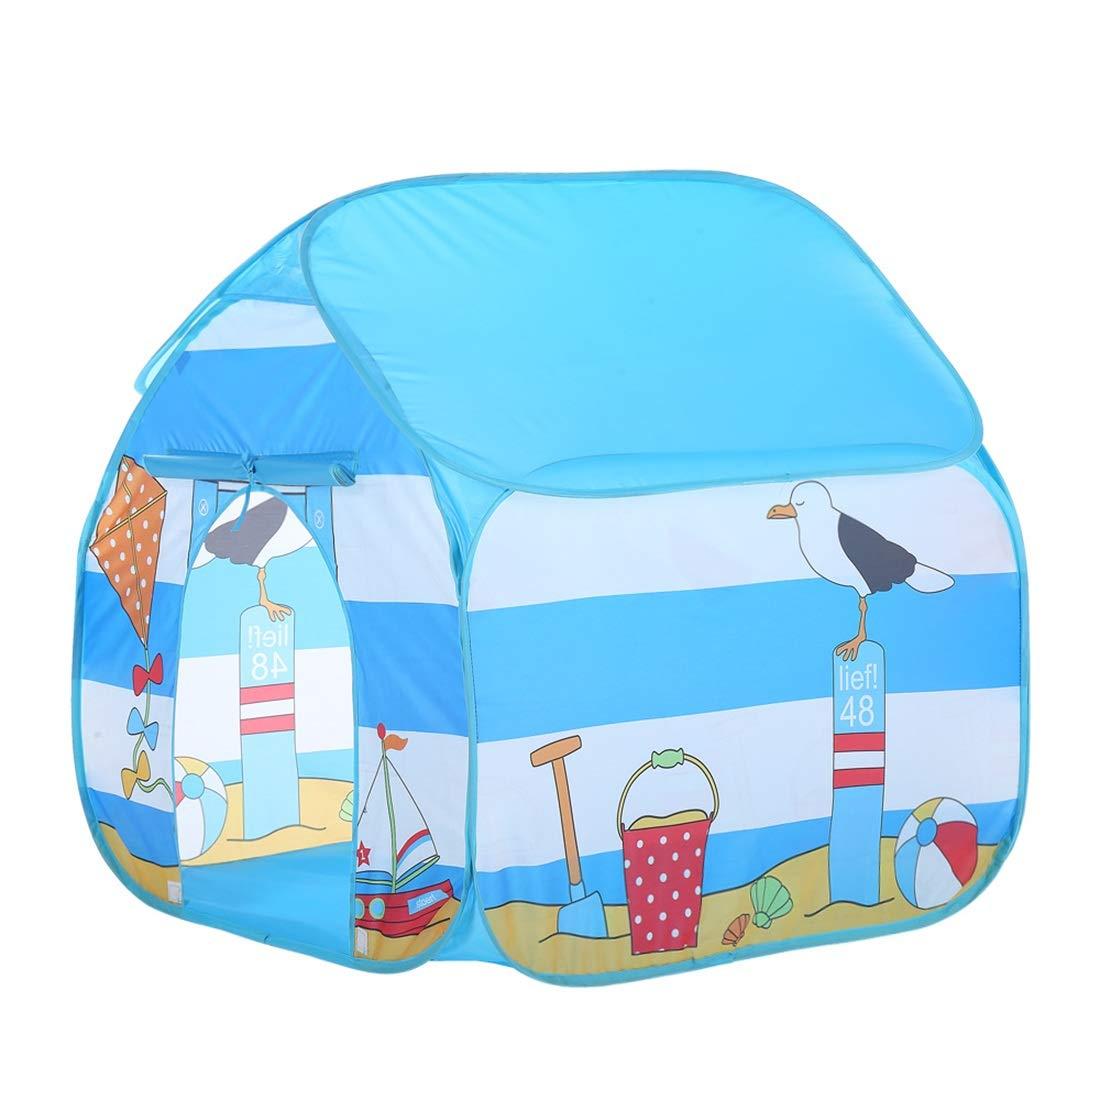 Olprkgdg Drachen-Muster-Blau scherzt Zelte Indoor-Kinderspielzelt Spielplatz im Freien (Farbe : Blau)